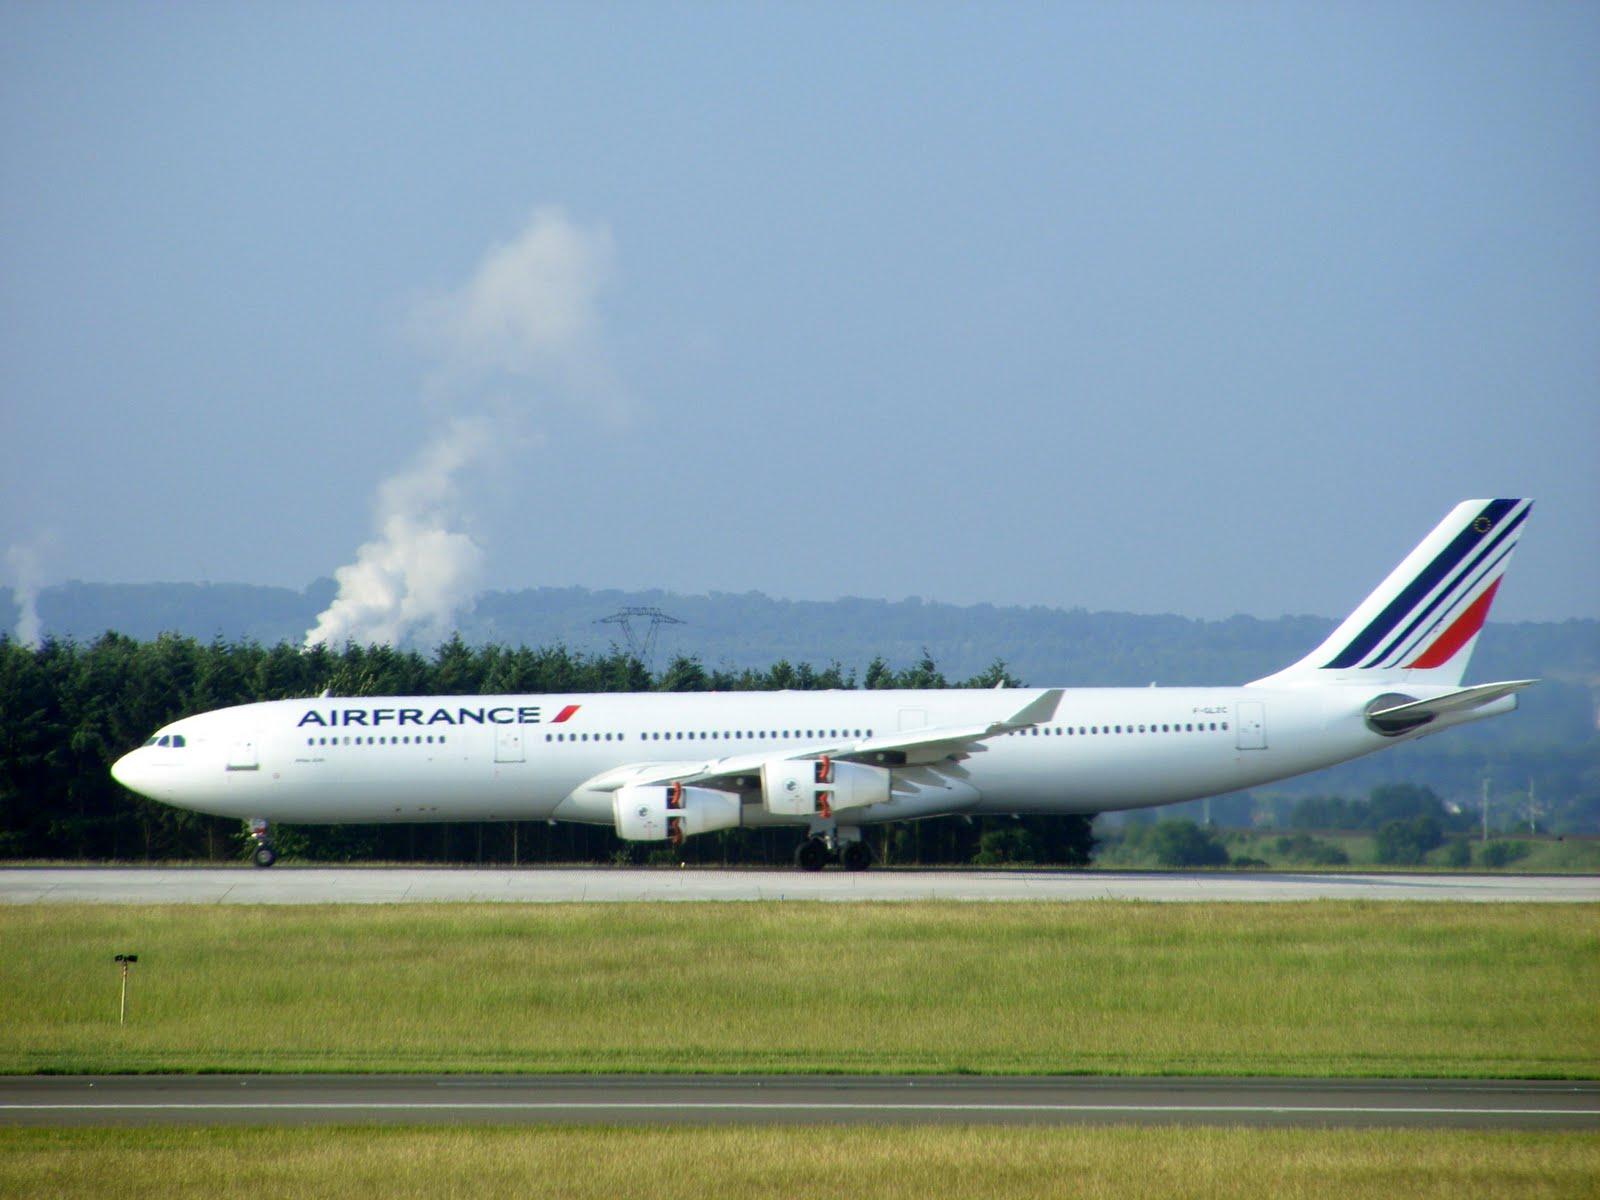 http://2.bp.blogspot.com/-LXP-HE3CT5w/Tc984-G5ThI/AAAAAAAADa8/zVSQaMkrVWU/s1600/Air_France_Airbus_A340-311_F-GLZC_%40_Paris_Orly.jpg